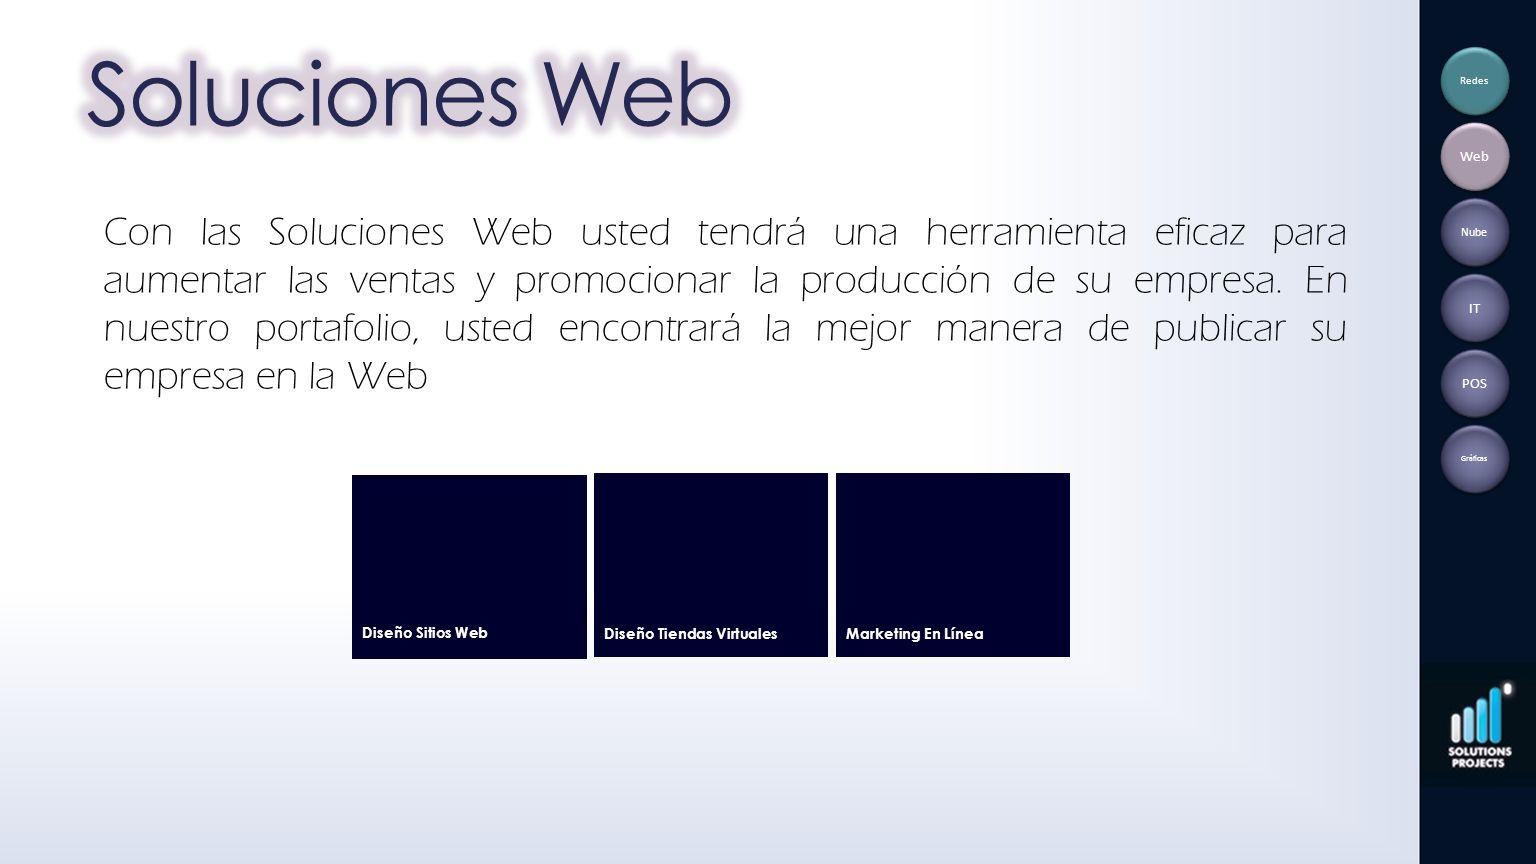 Soluciones Web Redes. Web.